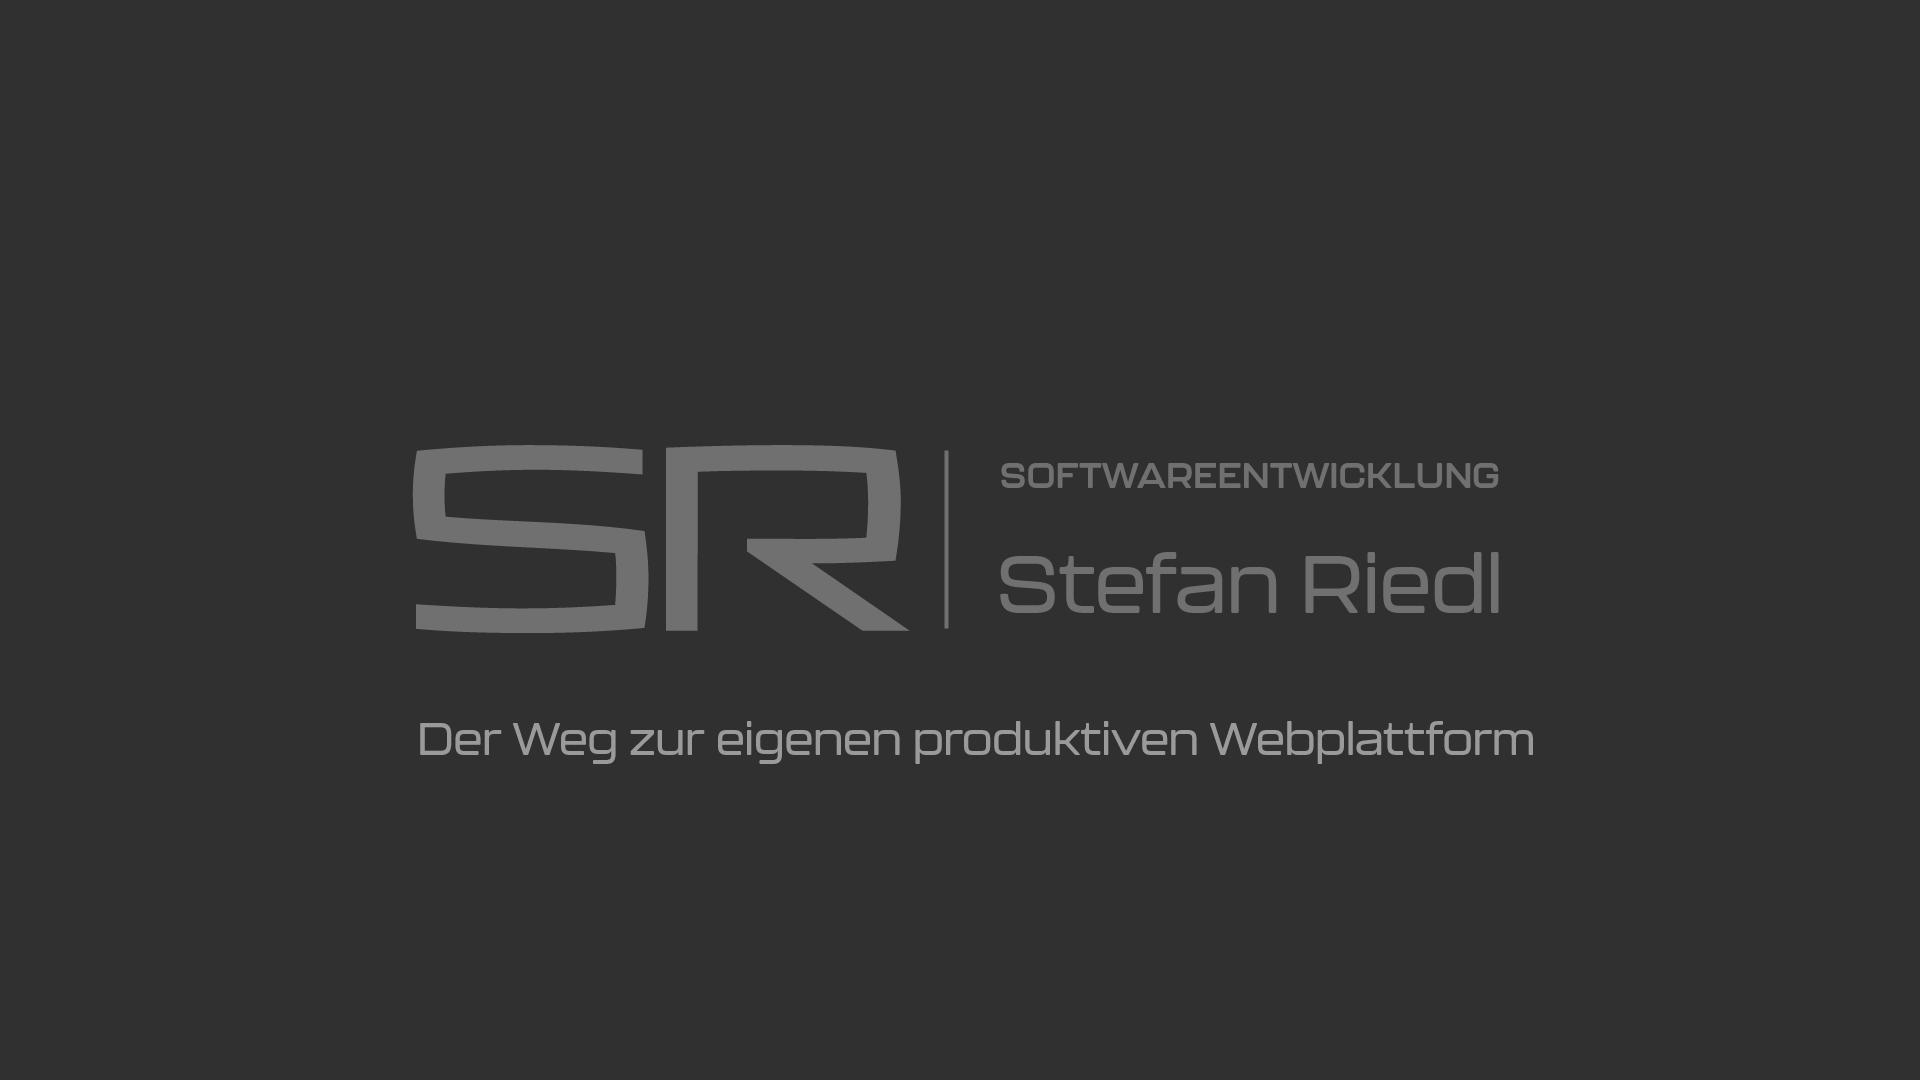 Banner - Der Weg zur eigenen produktiven Webplattform